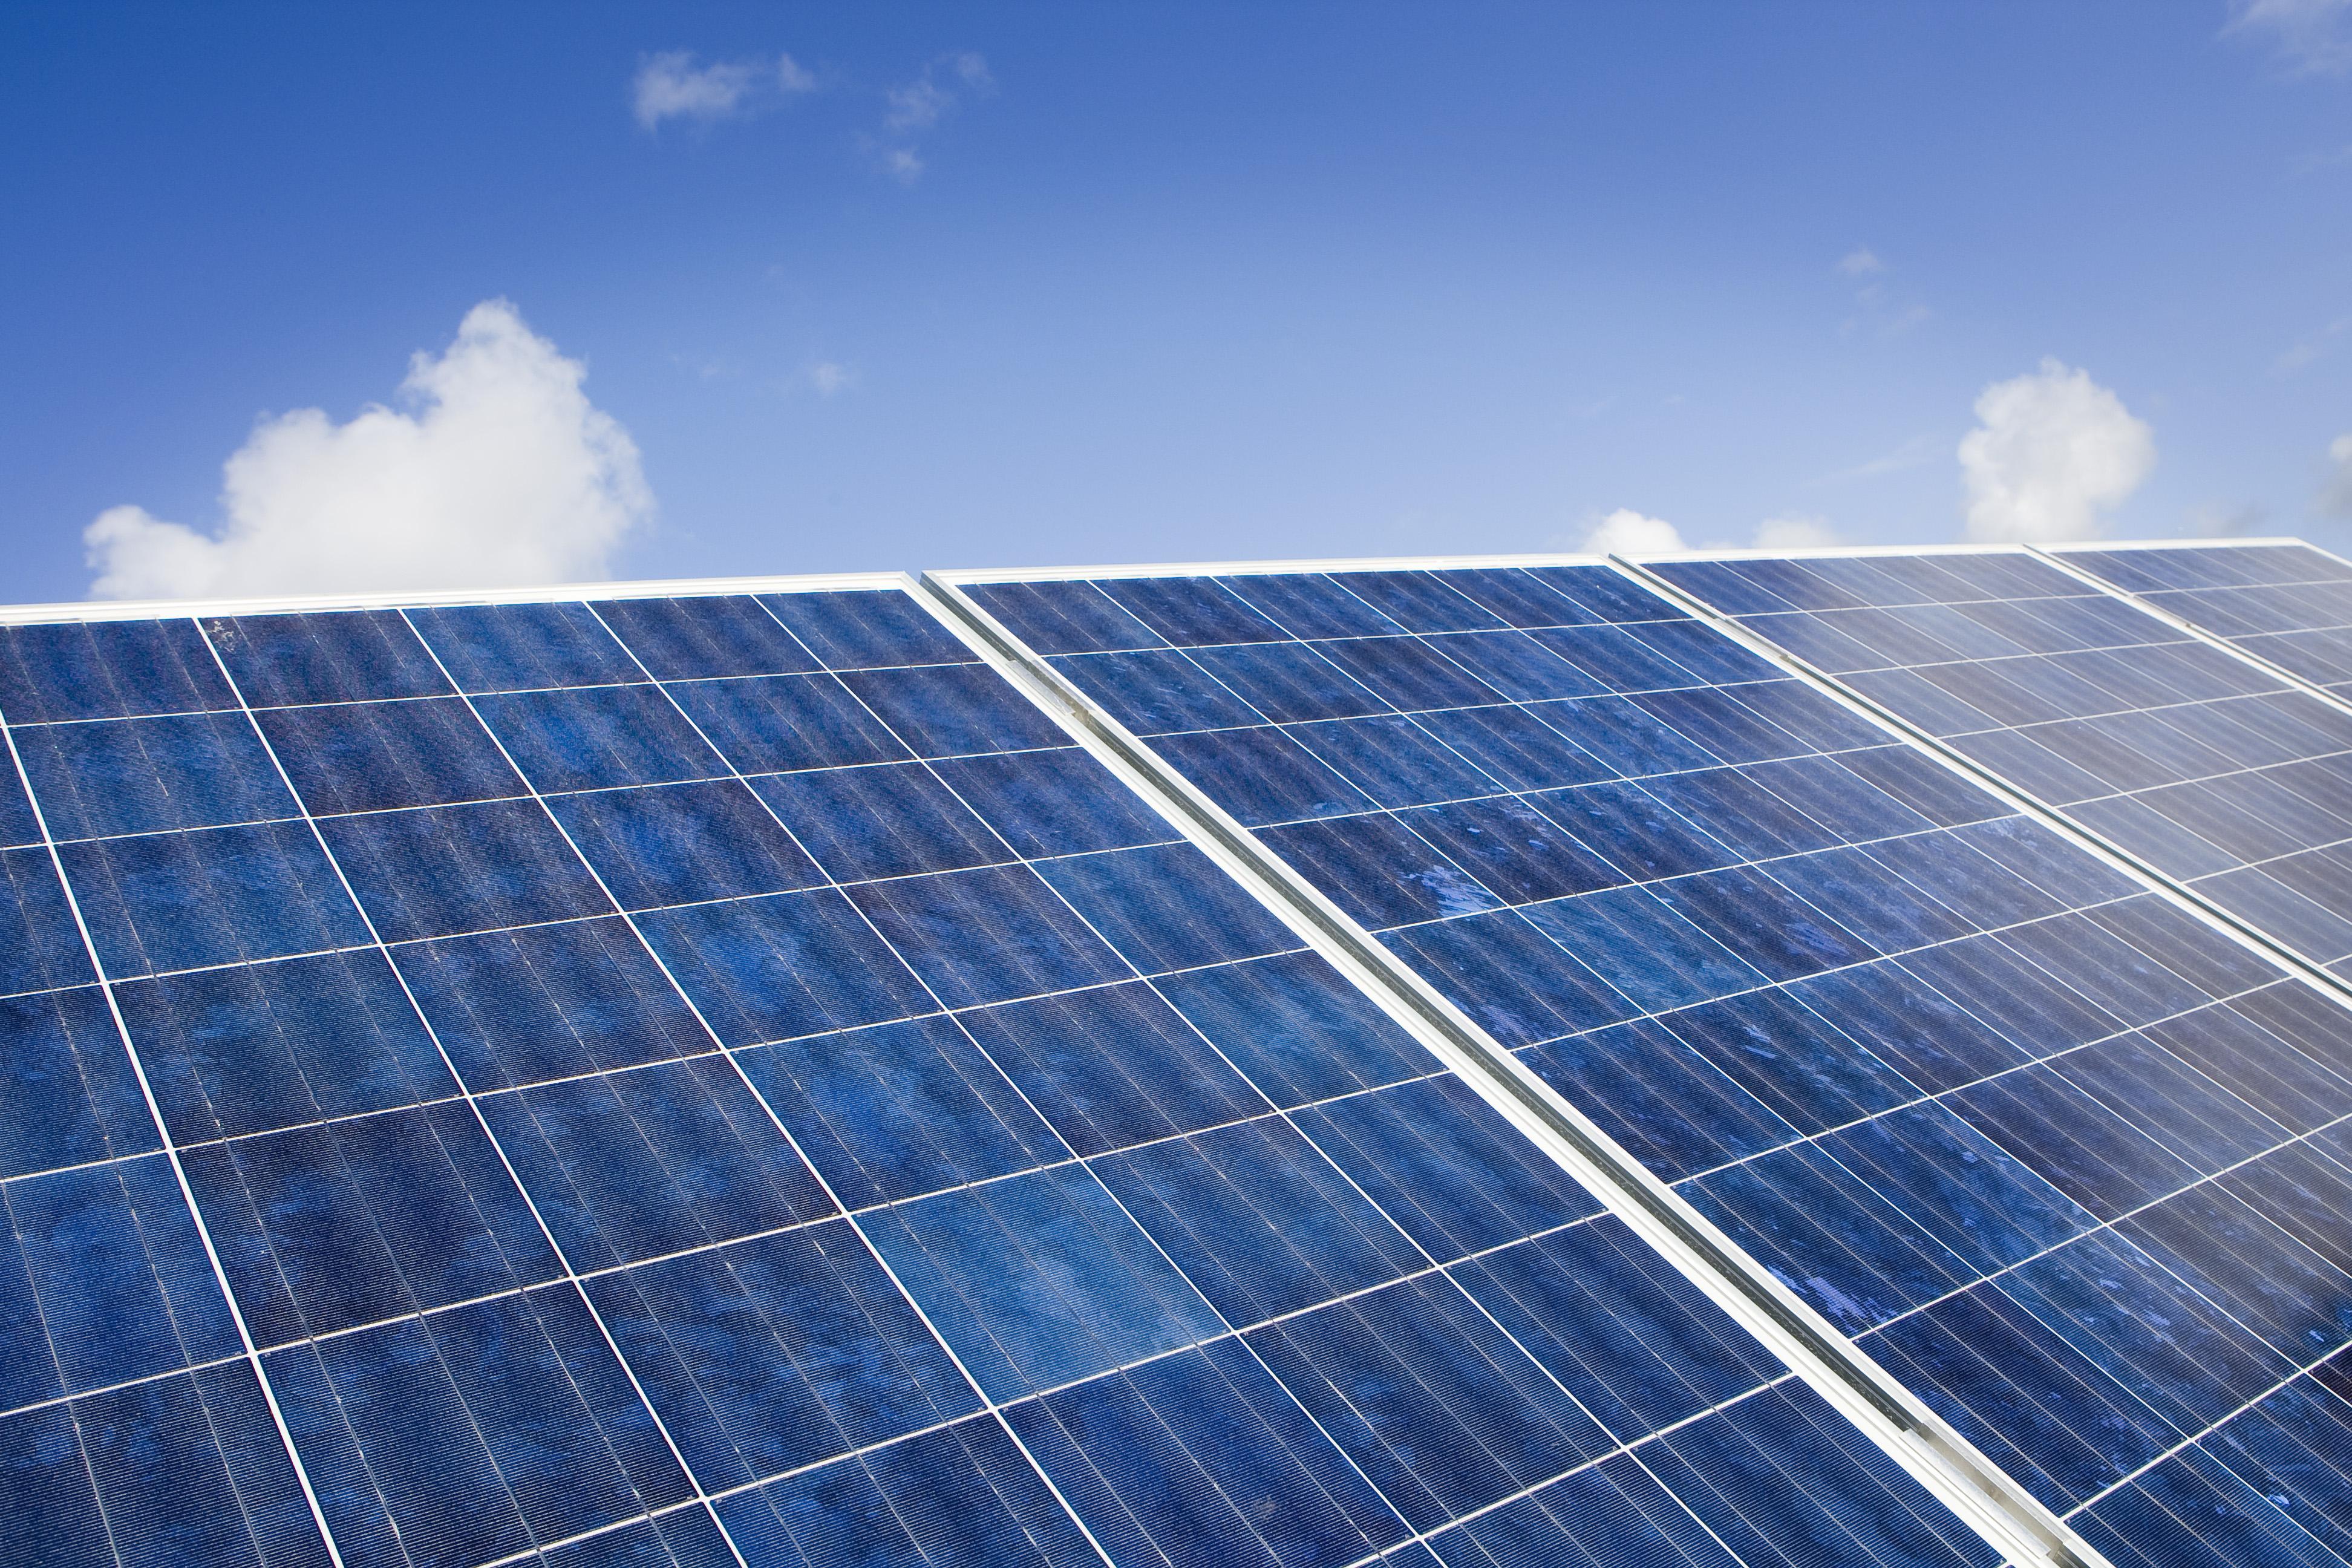 Alle Heemsteedse huizen van het gas af blijkt niet mogelijk; politiek zet nu in op zonnepanelen op parkeerplaatsen en platte daken